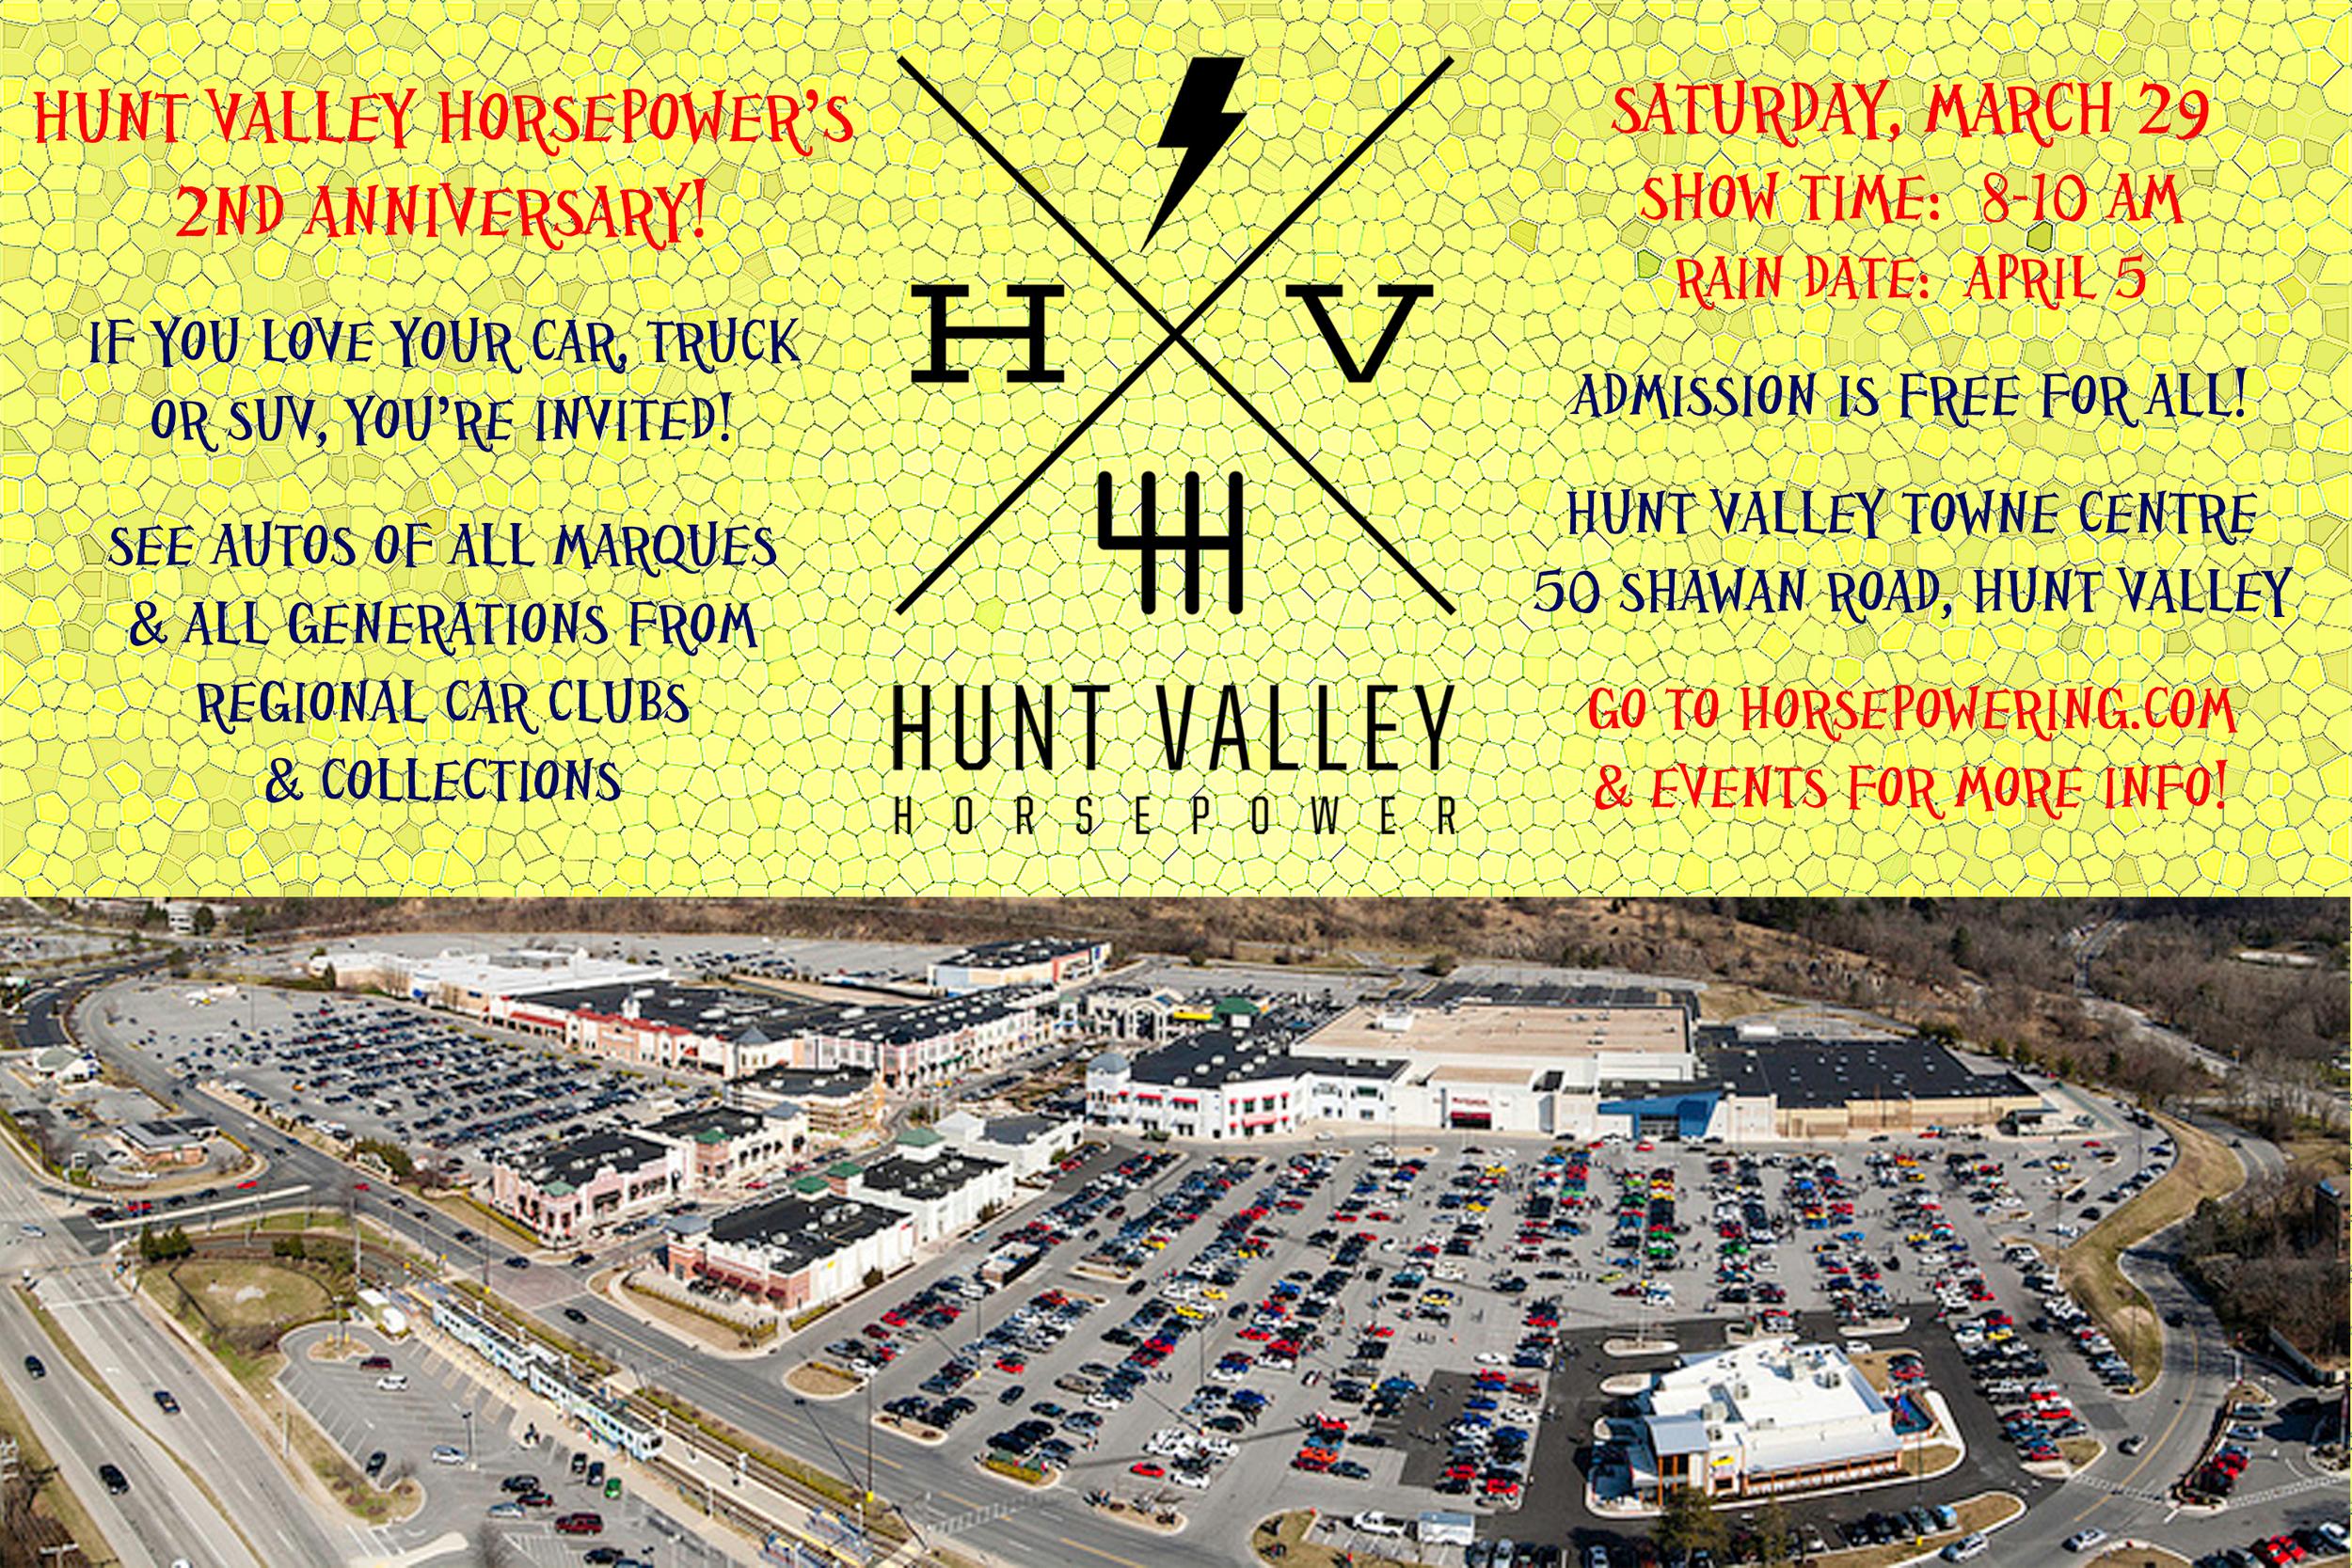 Hunt Valley Horsepower 2nd Anniv Flyer FINAL 3-29-14.jpg